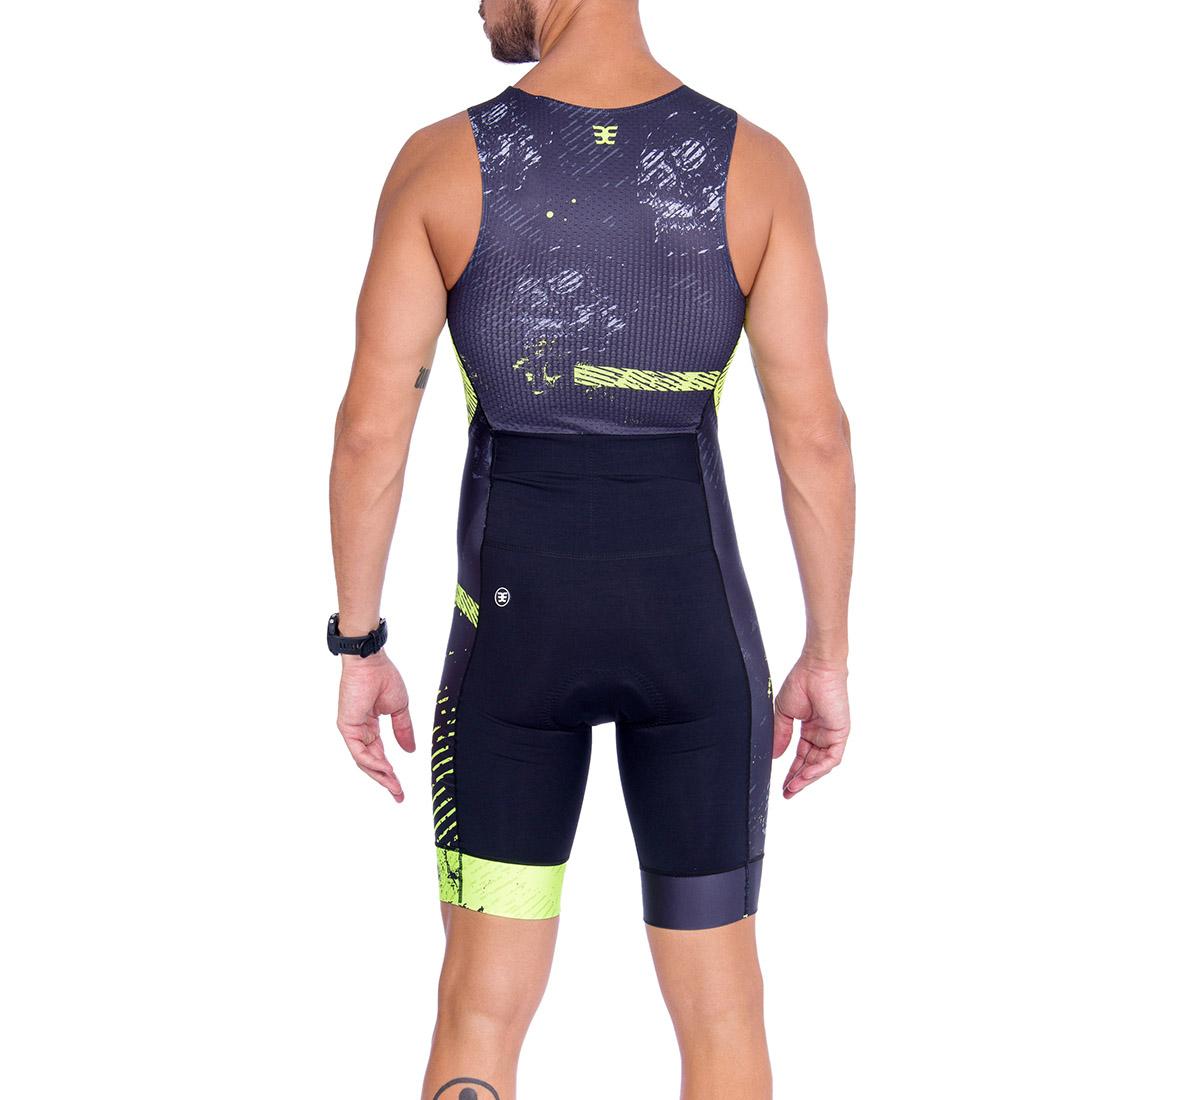 Macaquinho Triathlon 140 Phantom Masc - 2021